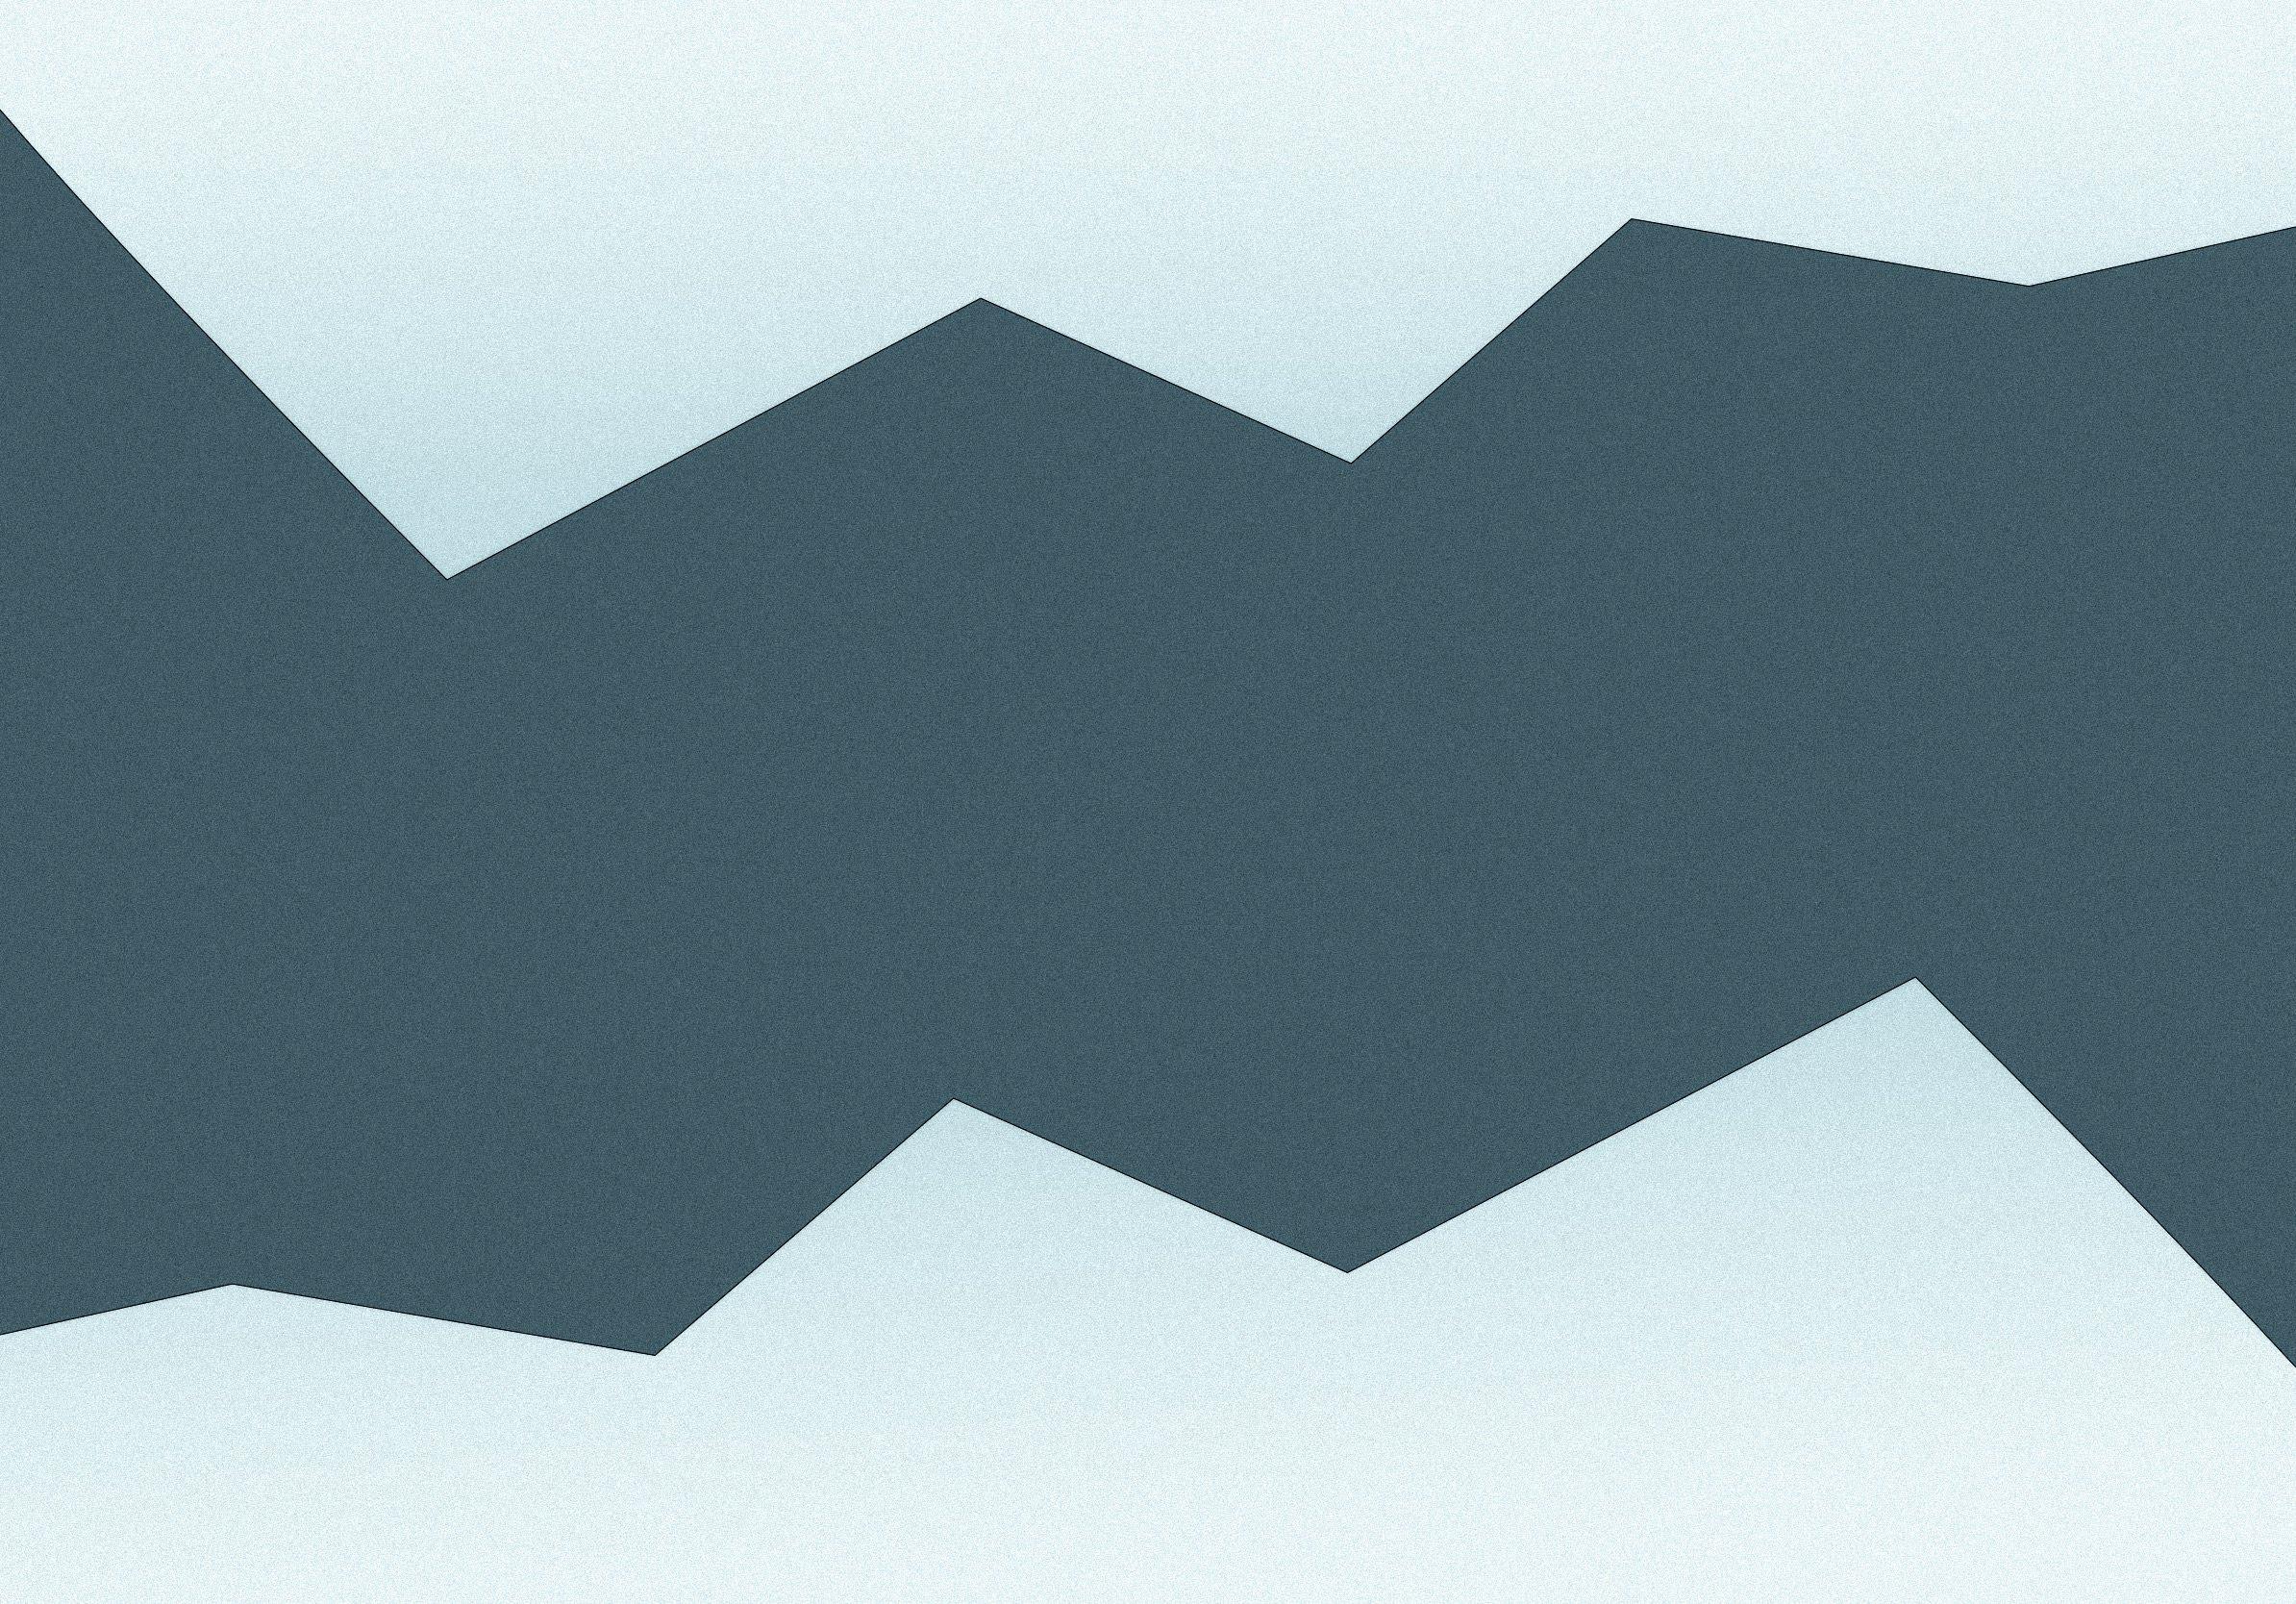 Geometric_iPad_Wallpaper_rmrdnl.jpg